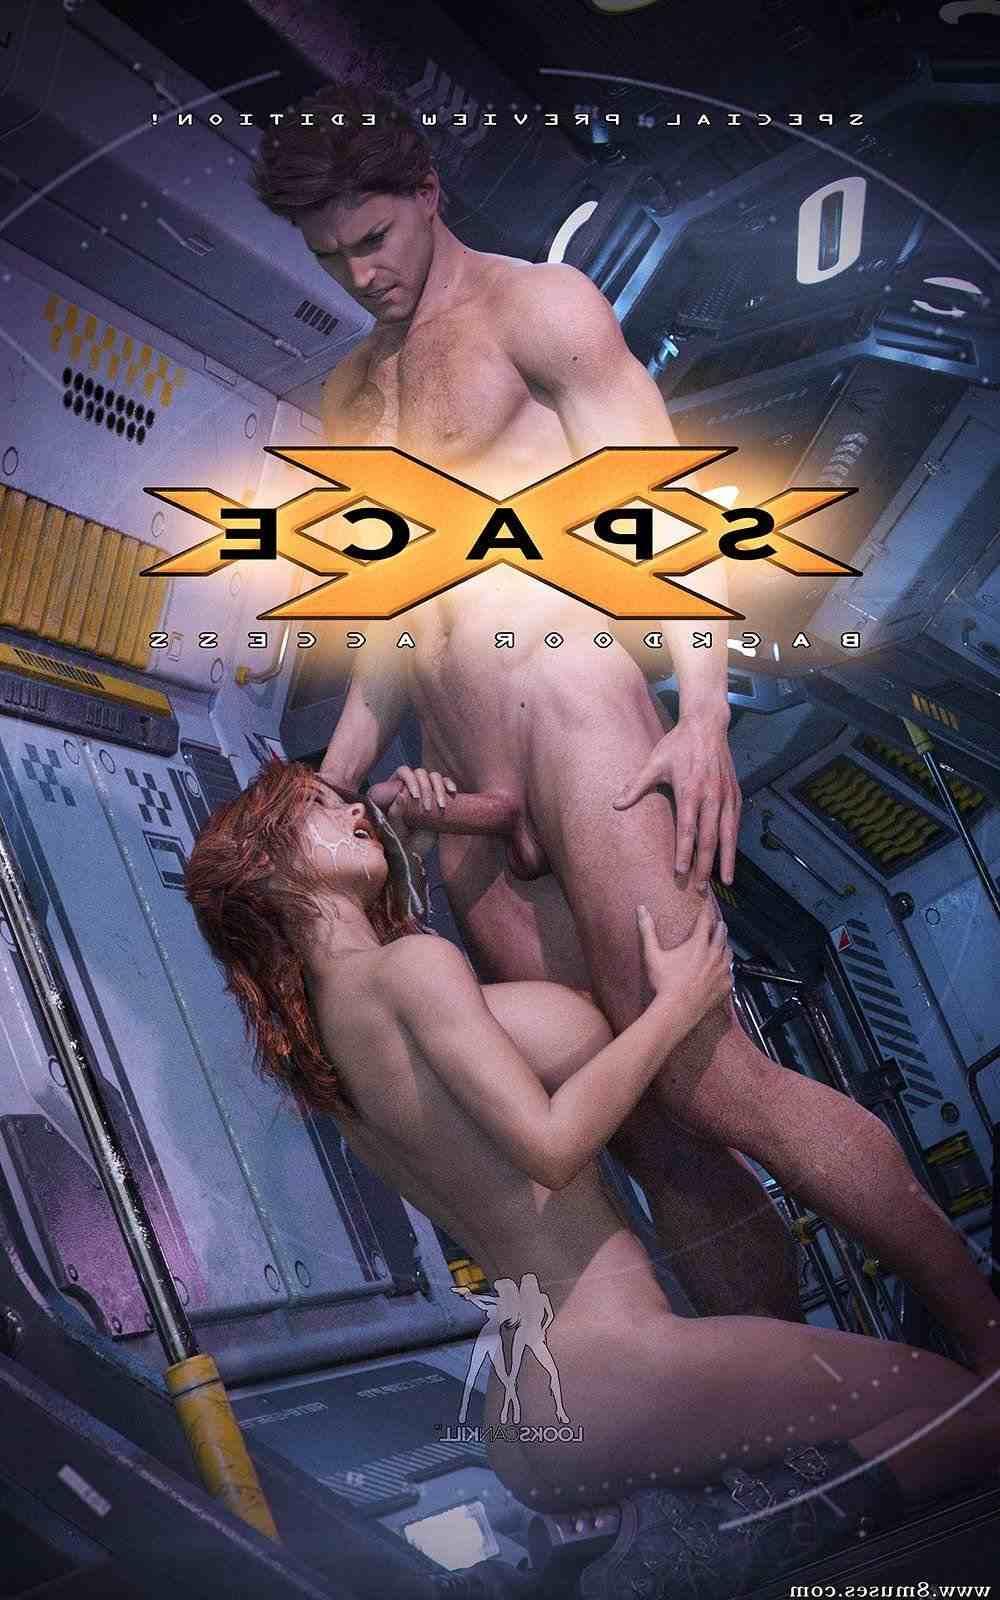 оделся лесбиянки на космическом корабле вернулась театра